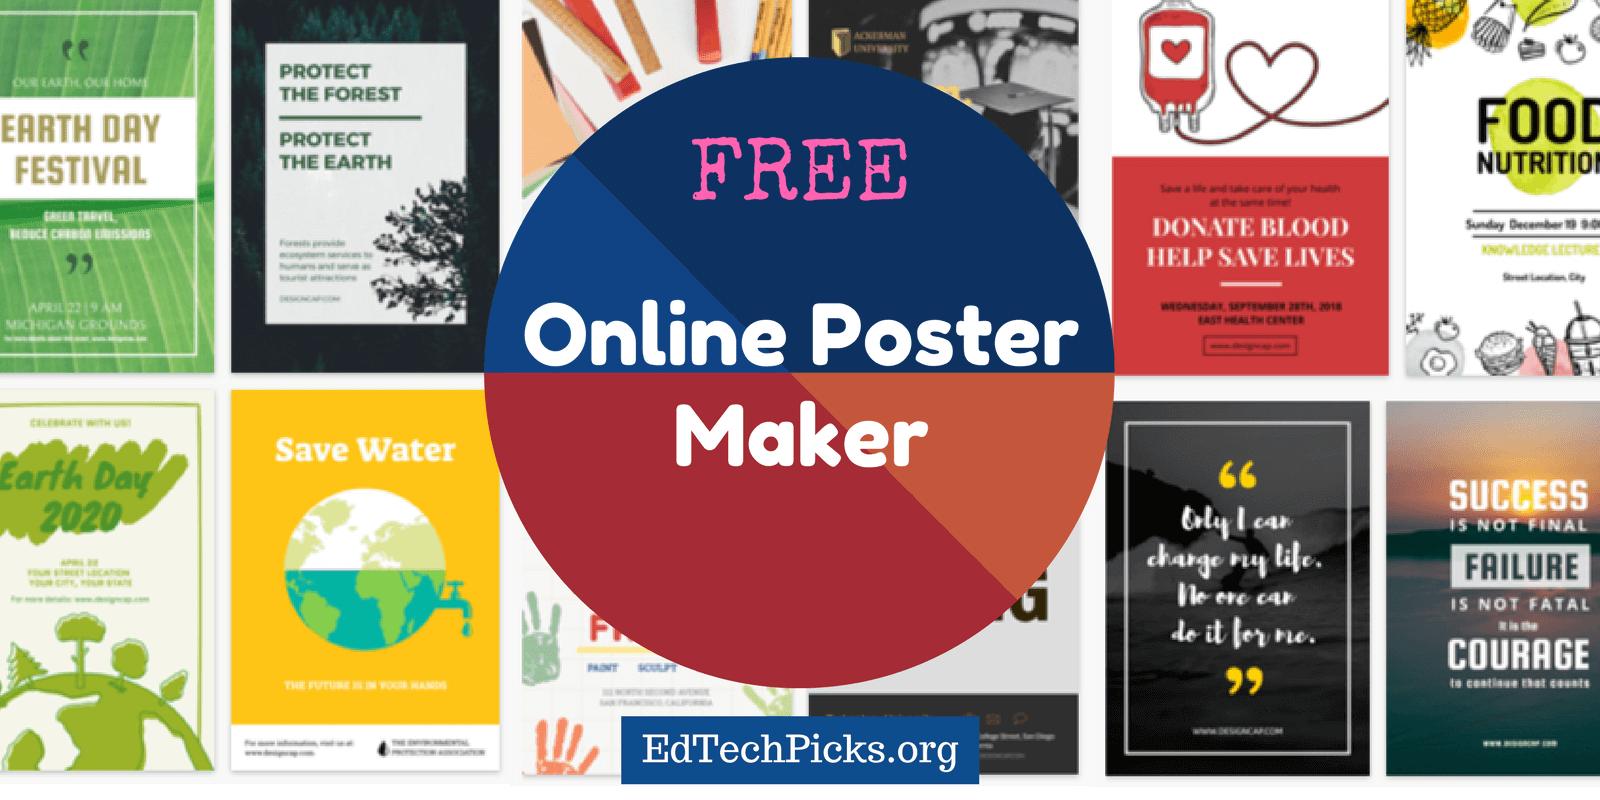 Online Poster Maker